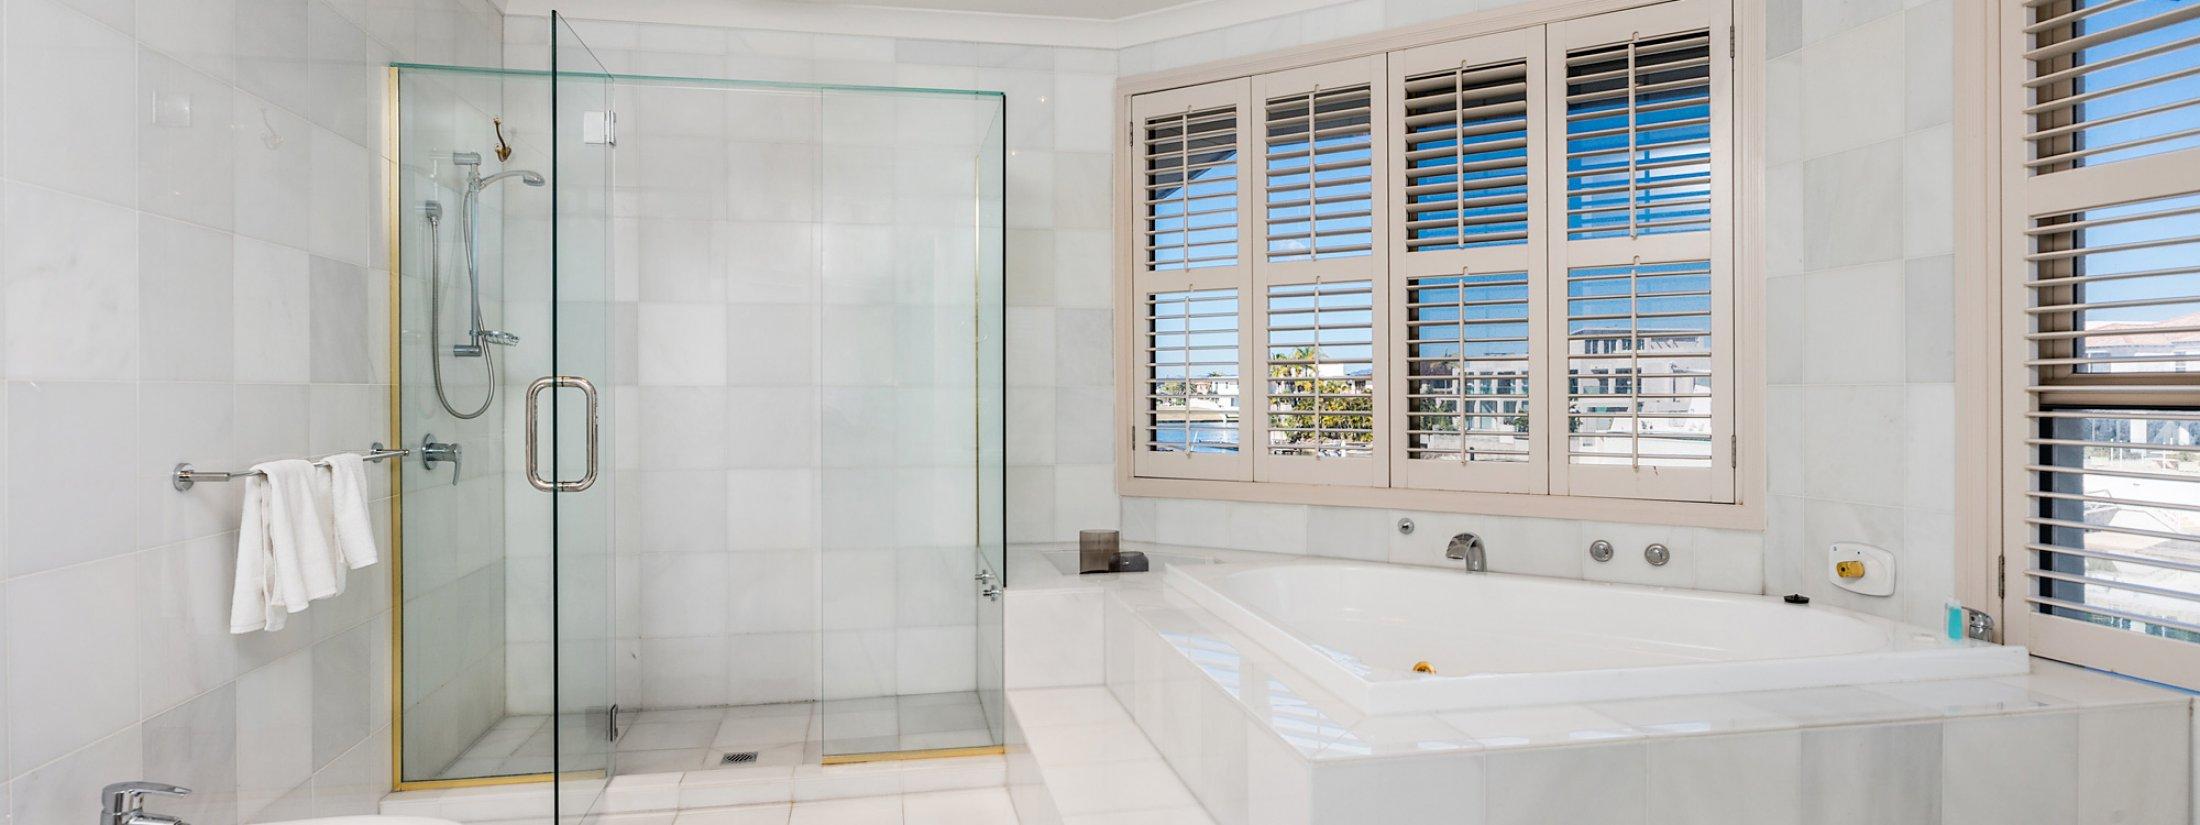 Casa Aqua - Gold Coast - Bedroom 1 Ensuite